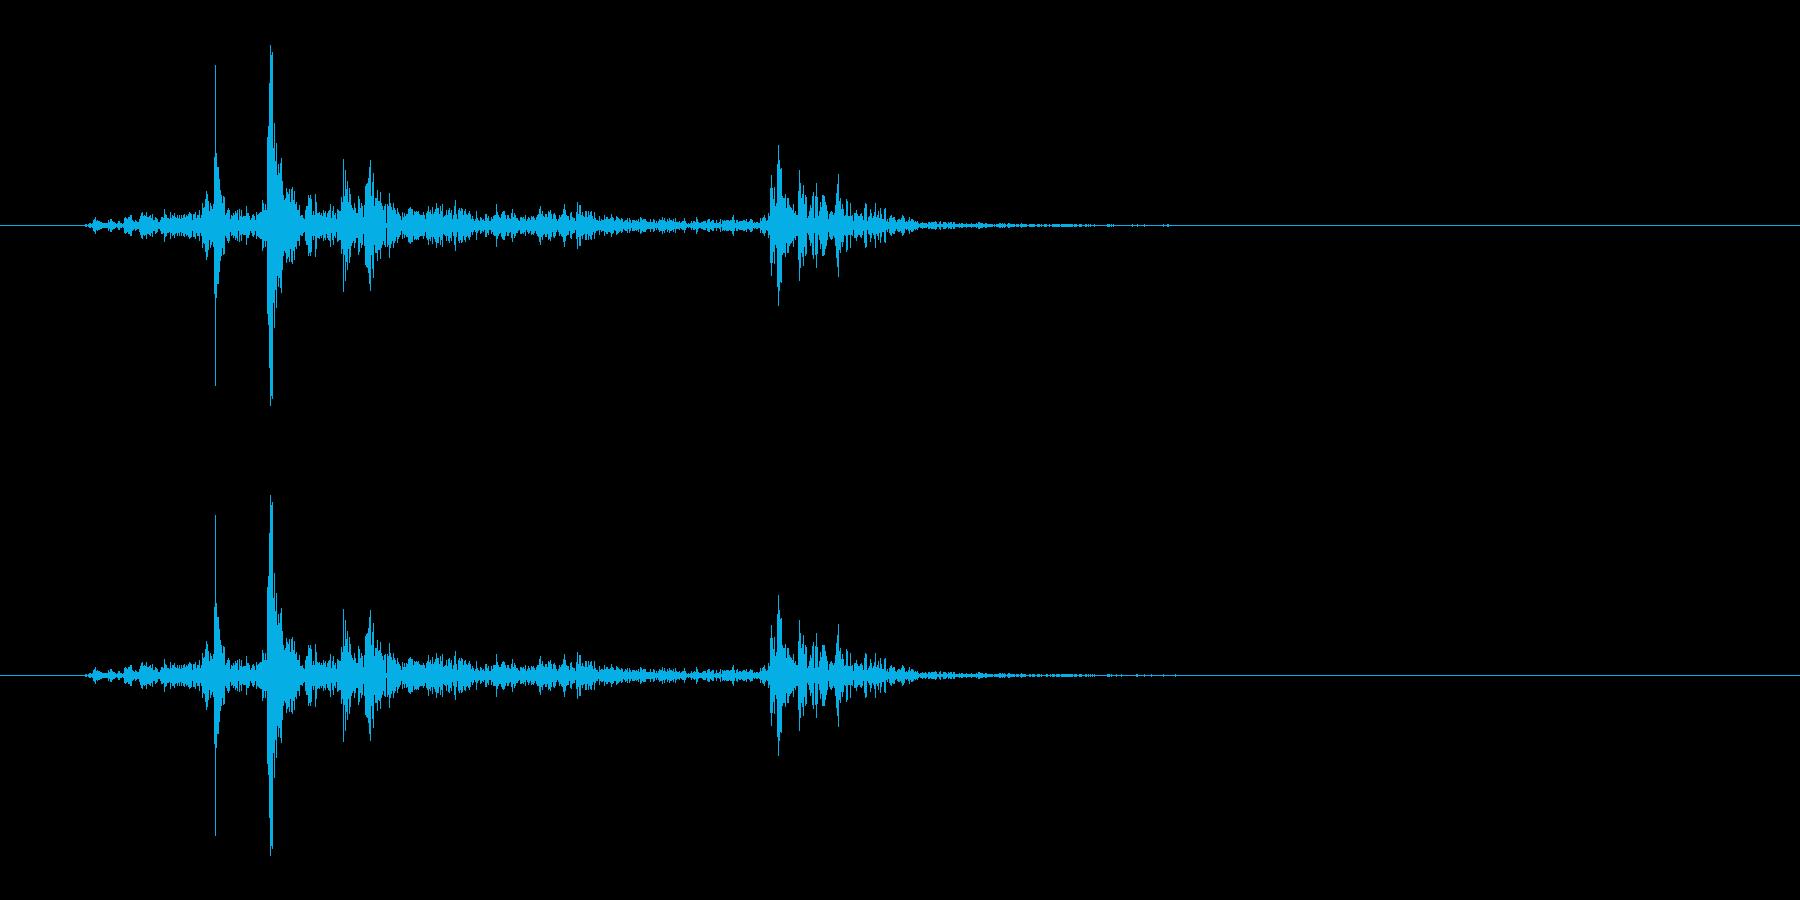 着脱/装備を外す/謎解き/仕掛けを解除 の再生済みの波形